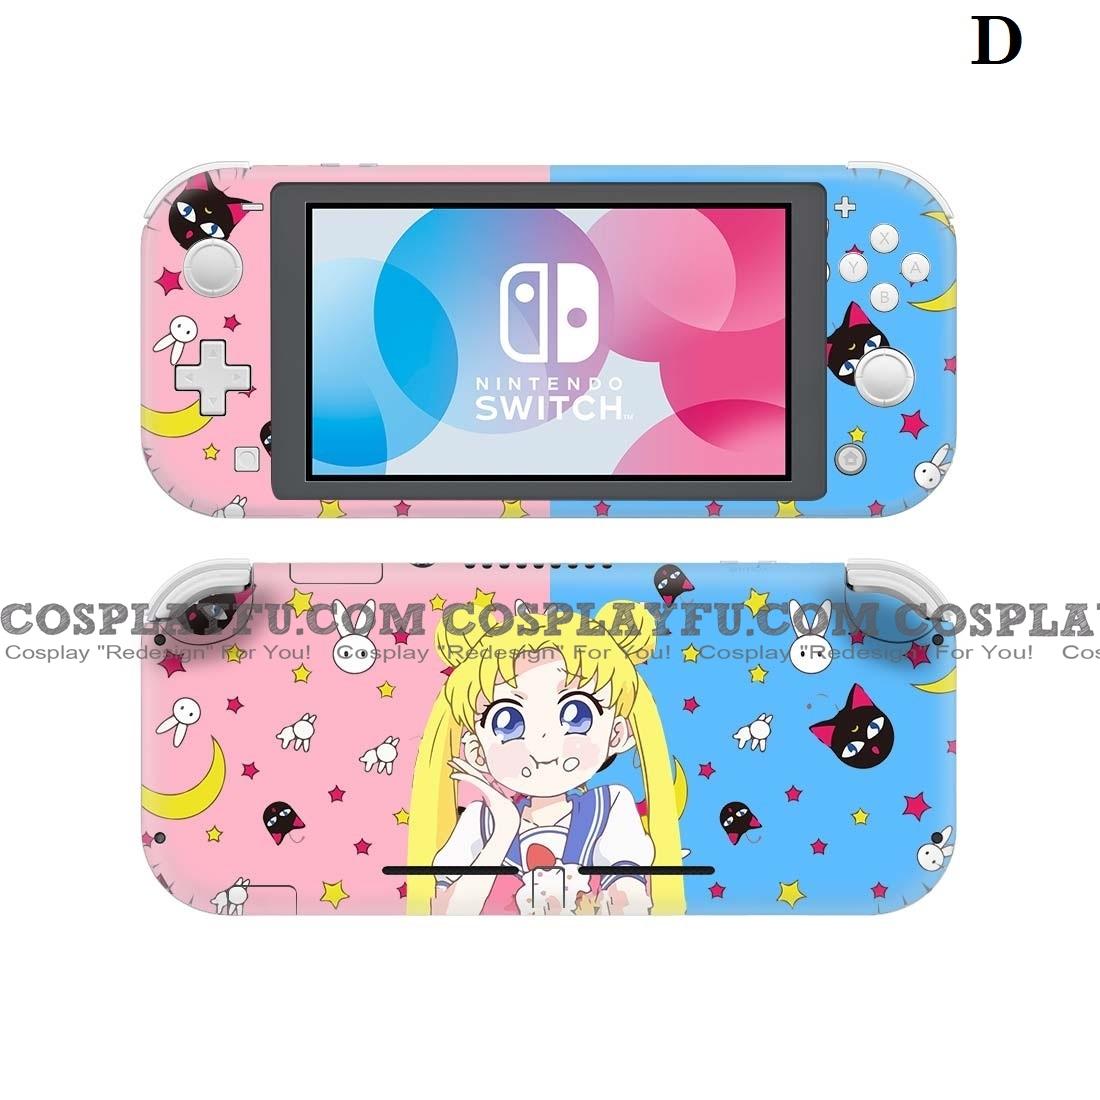 Sailor Moon Nintendo Switch Lite Decal Lite Skin Sticker